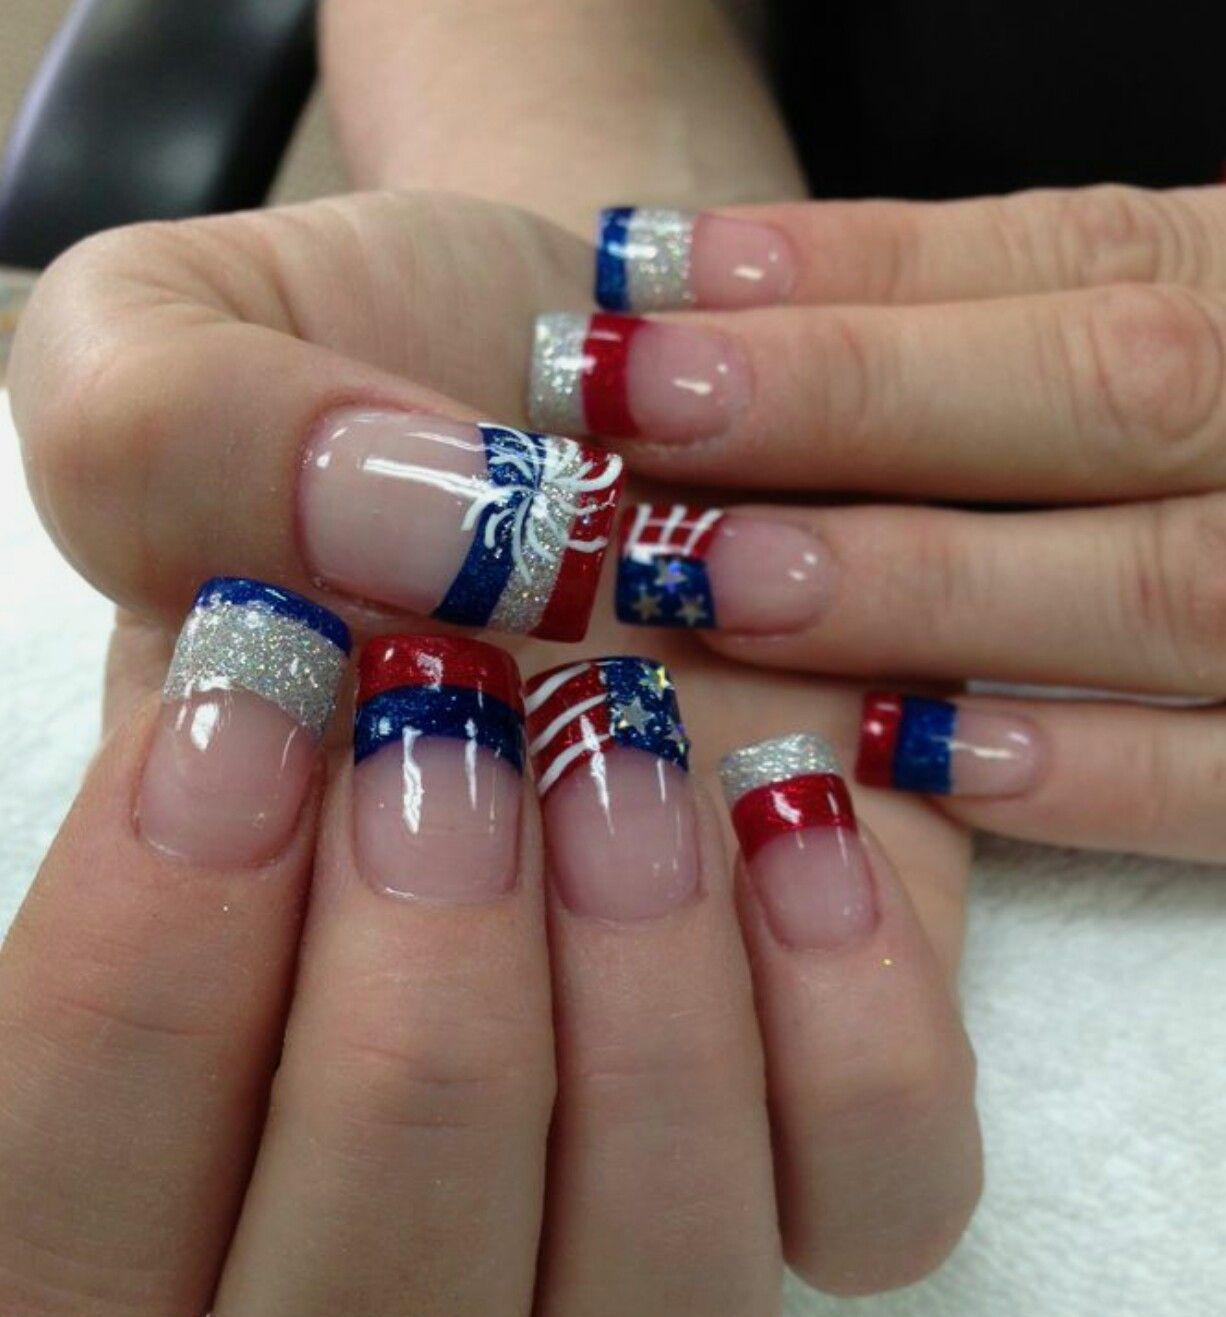 Pin de Tammy Davolt en Nails   Pinterest   Arte uñas, Arte de uñas y ...